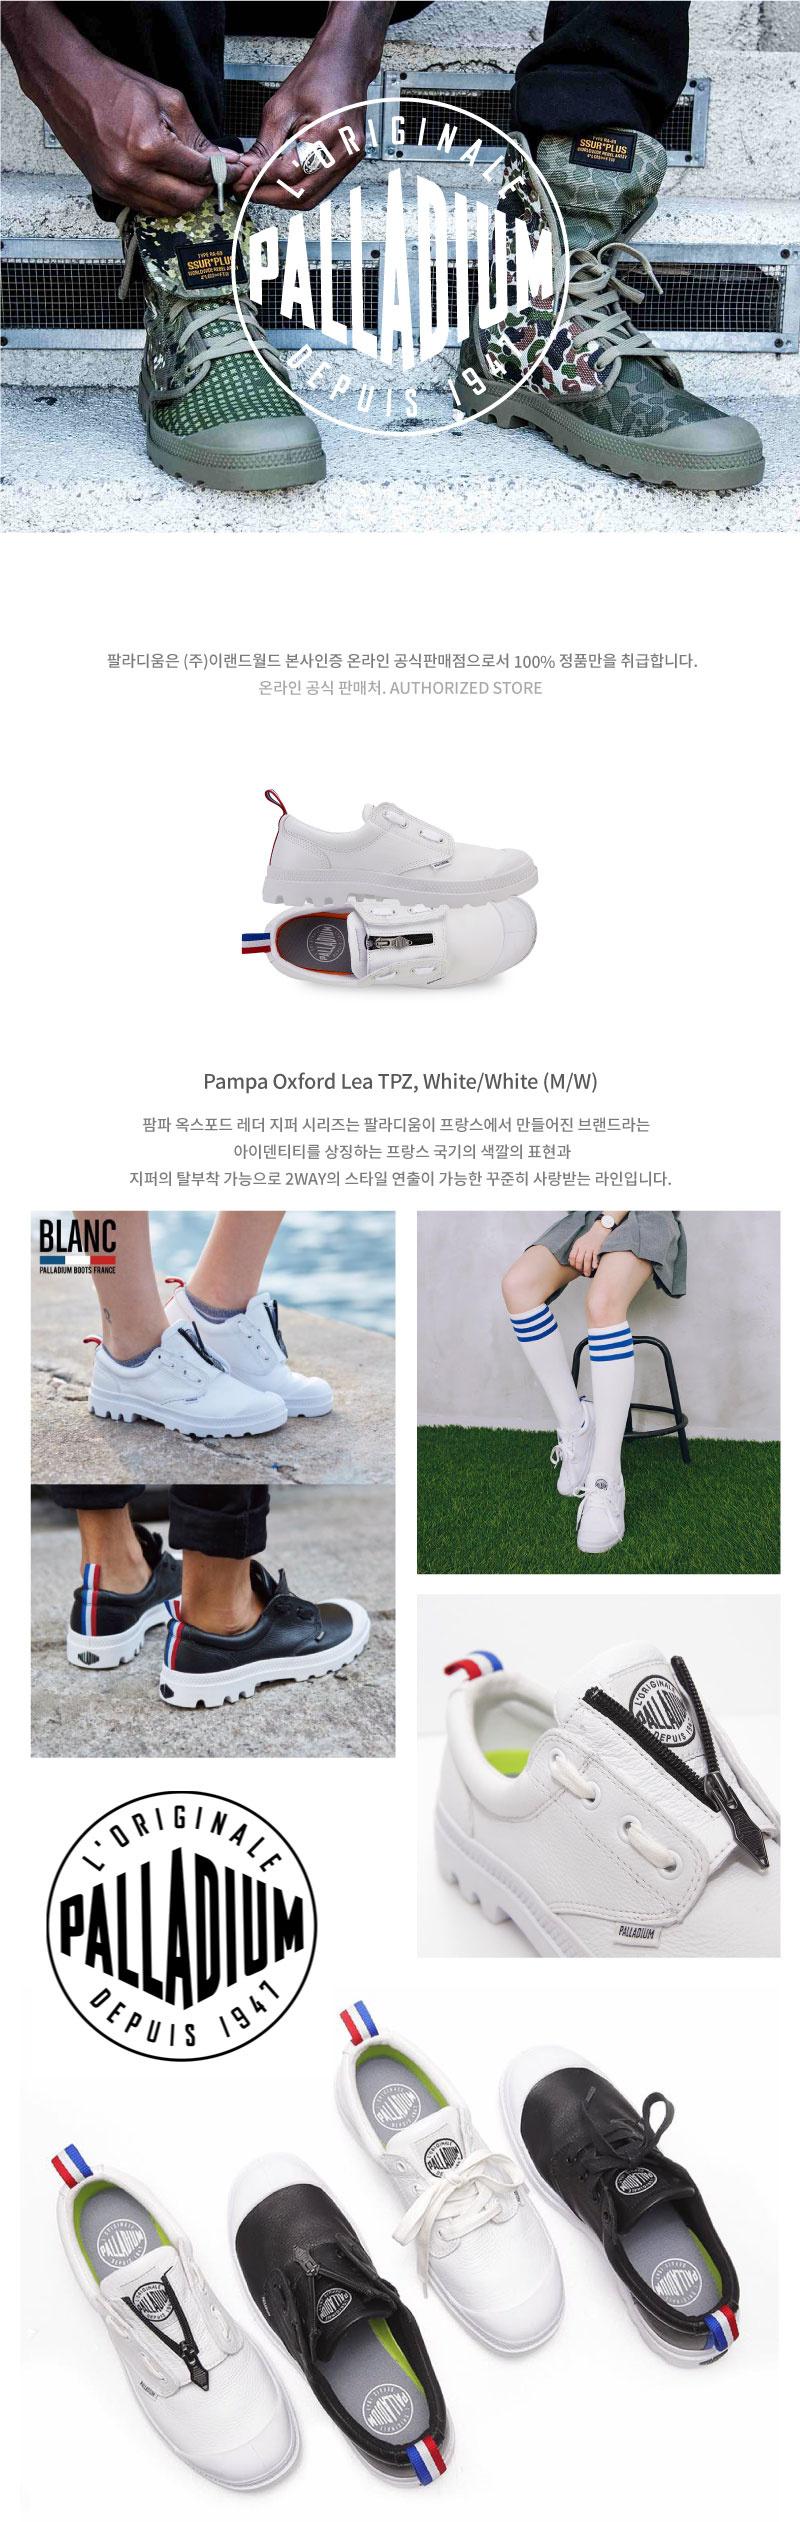 팔라디움(PALLADIUM) Pampa Oxford Lea TPZ White/White (W)